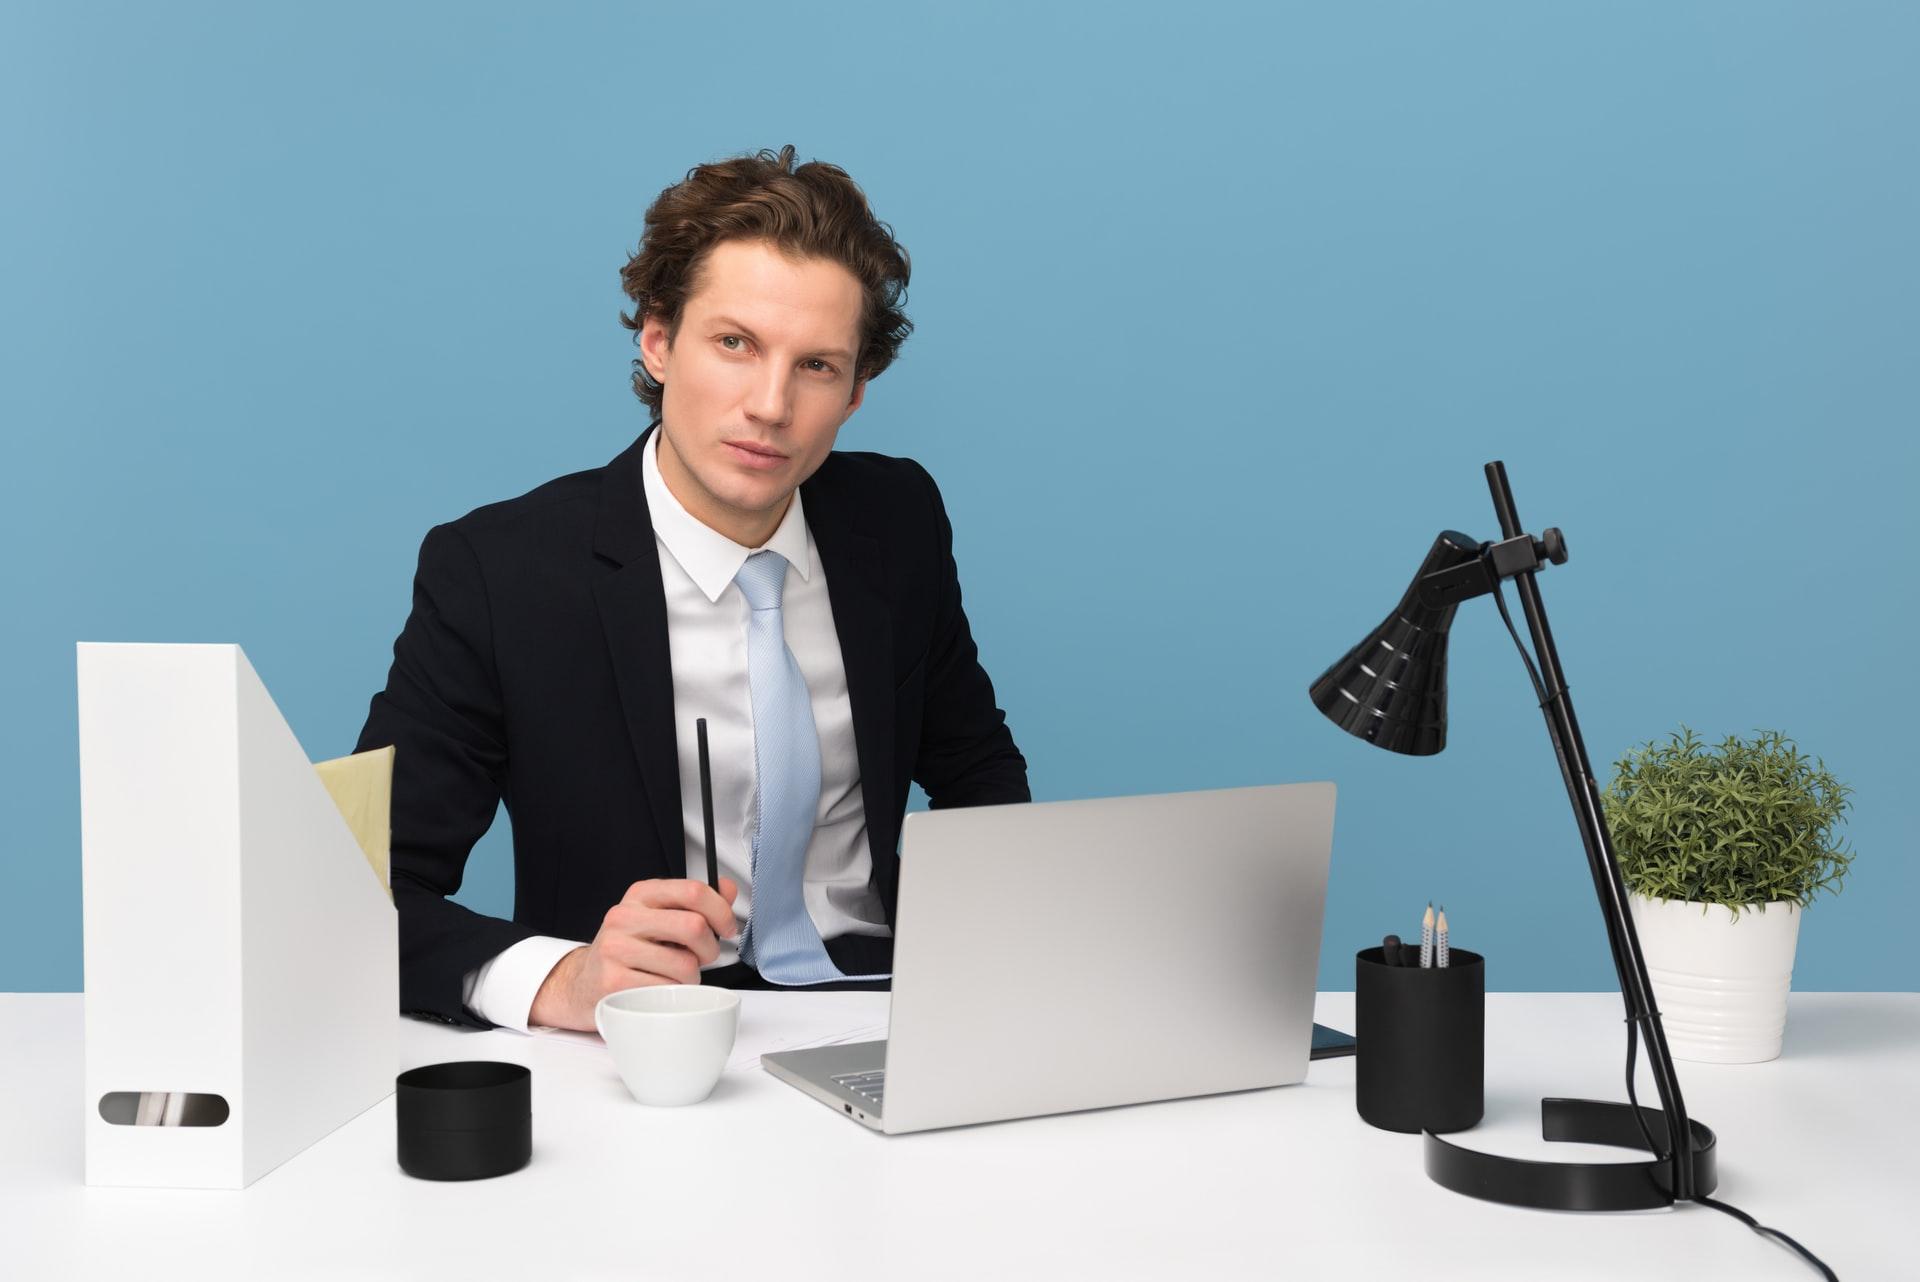 「若手サラリーマン必見!第二新卒の転職をおすすめする3つの理由」のアイキャッチ画像